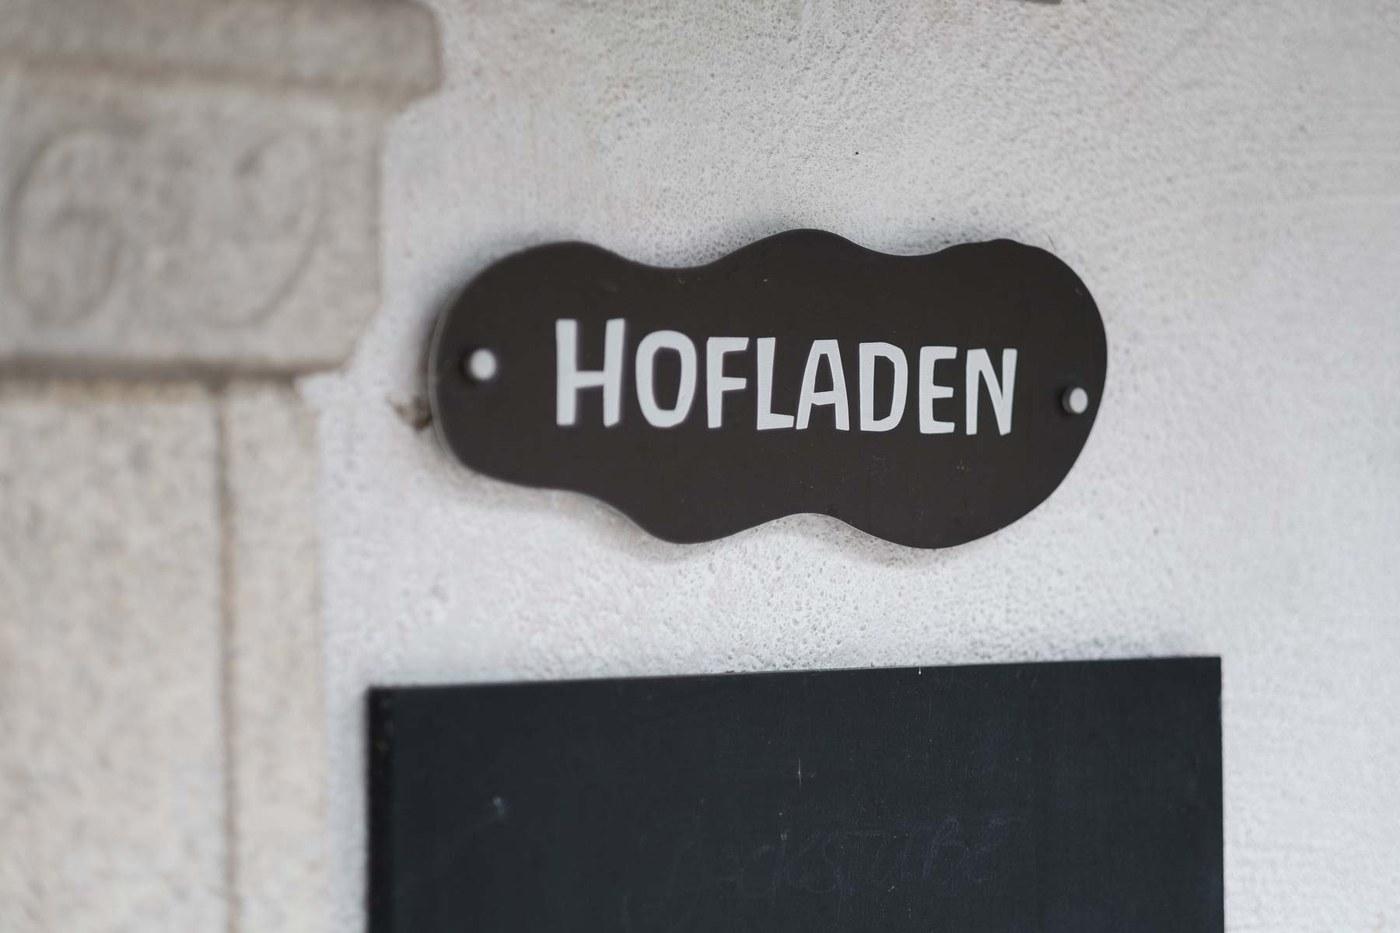 170921-18 Hofladen-0032_prv.jpg